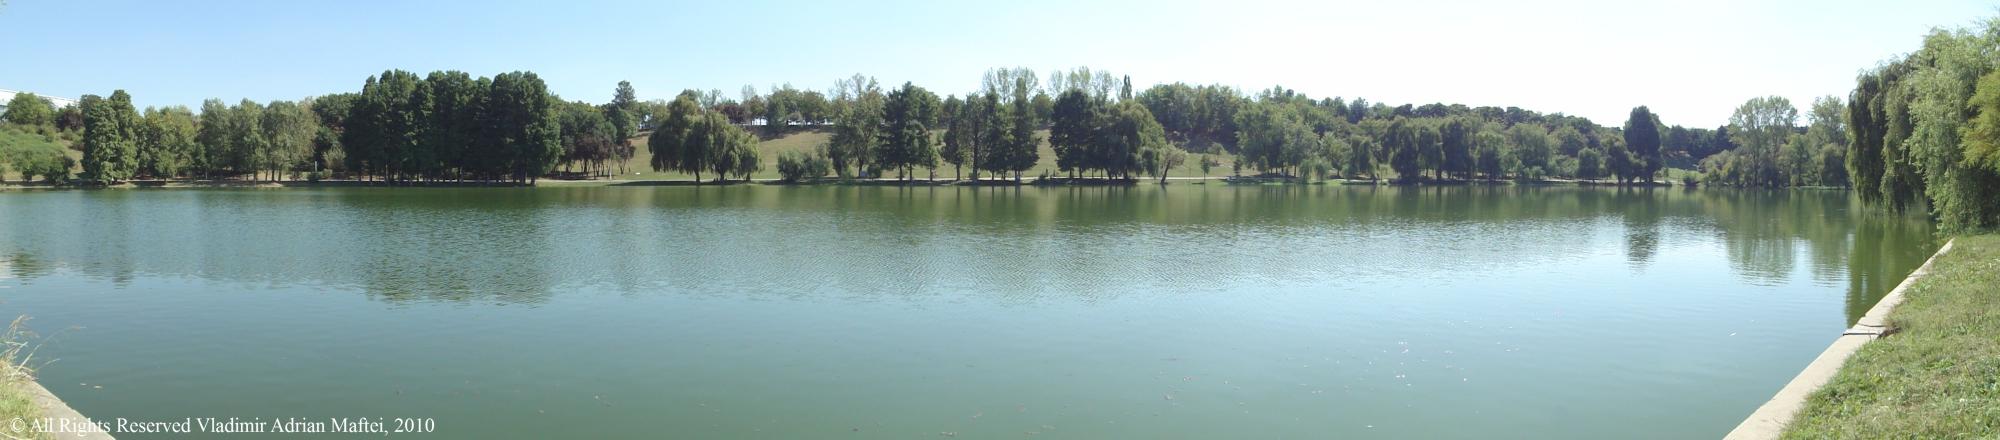 Lacul Tineretului vara